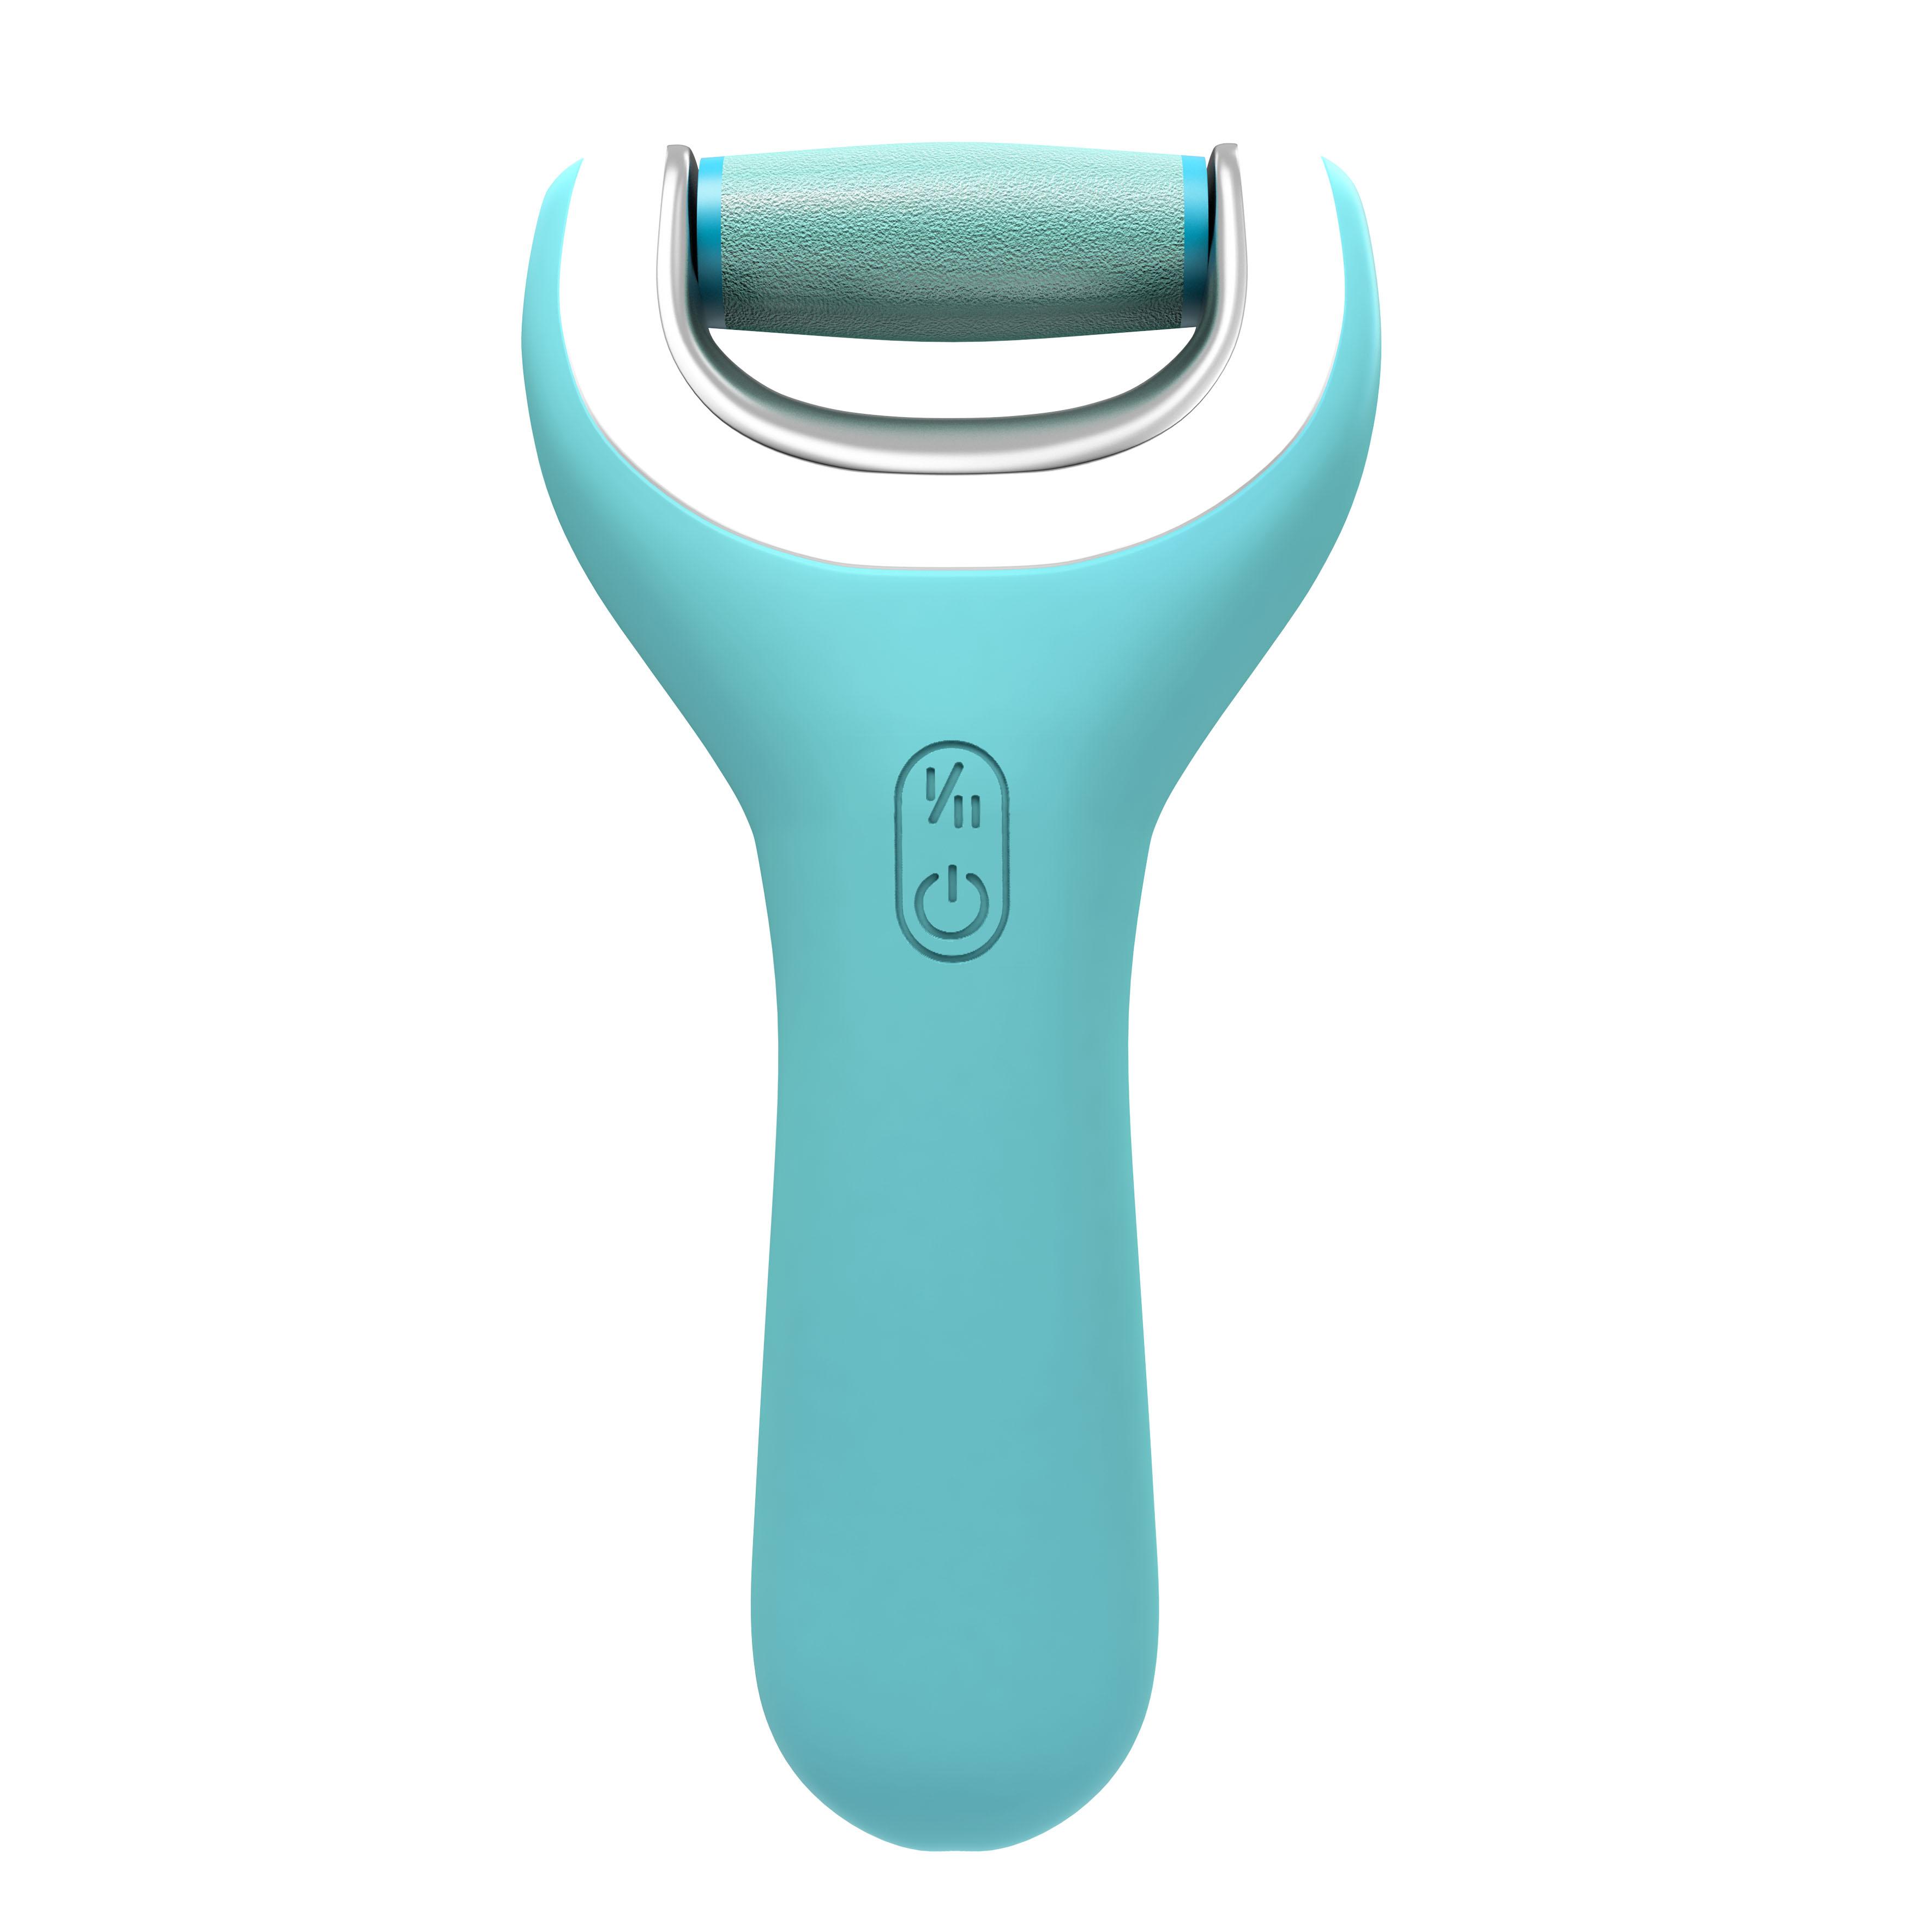 Электрическая роликовая пилка Scholl Wet & Dry для удаления огрубевшей кожи стоп